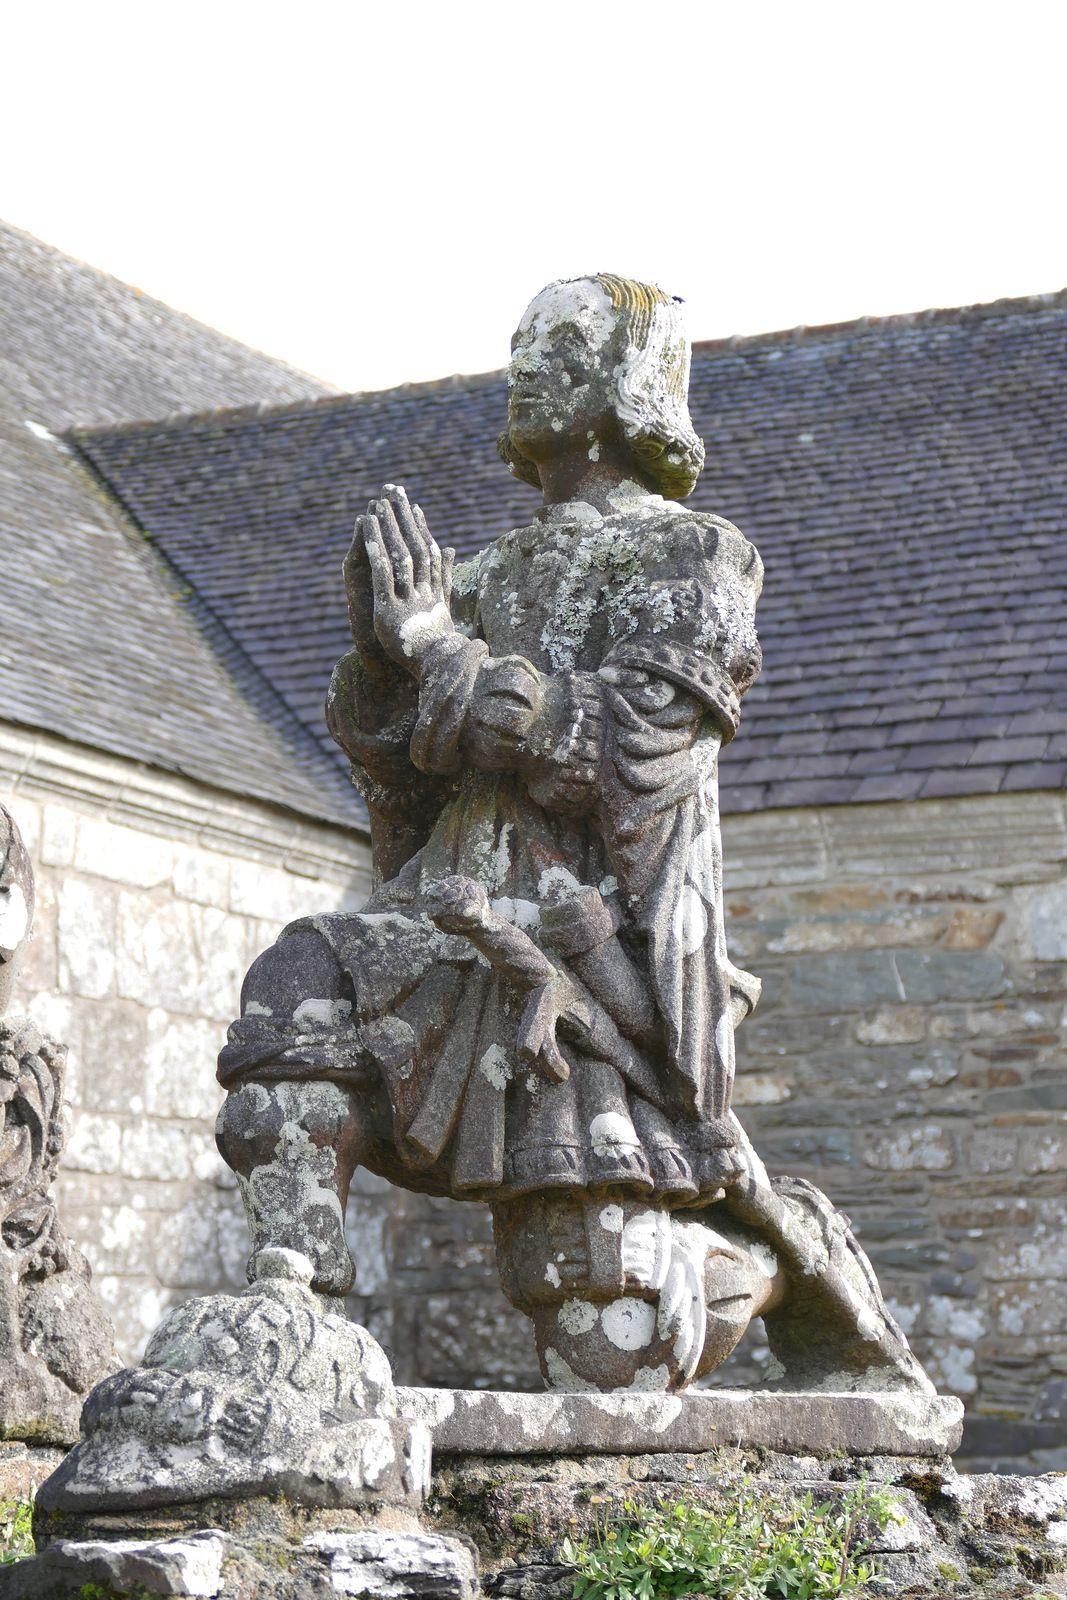 Conversion de saint Hubert (kersanton, 1525-1530, Maître de Cast), enclos de l'église de Cast. Photo lavieb-aile 2020.